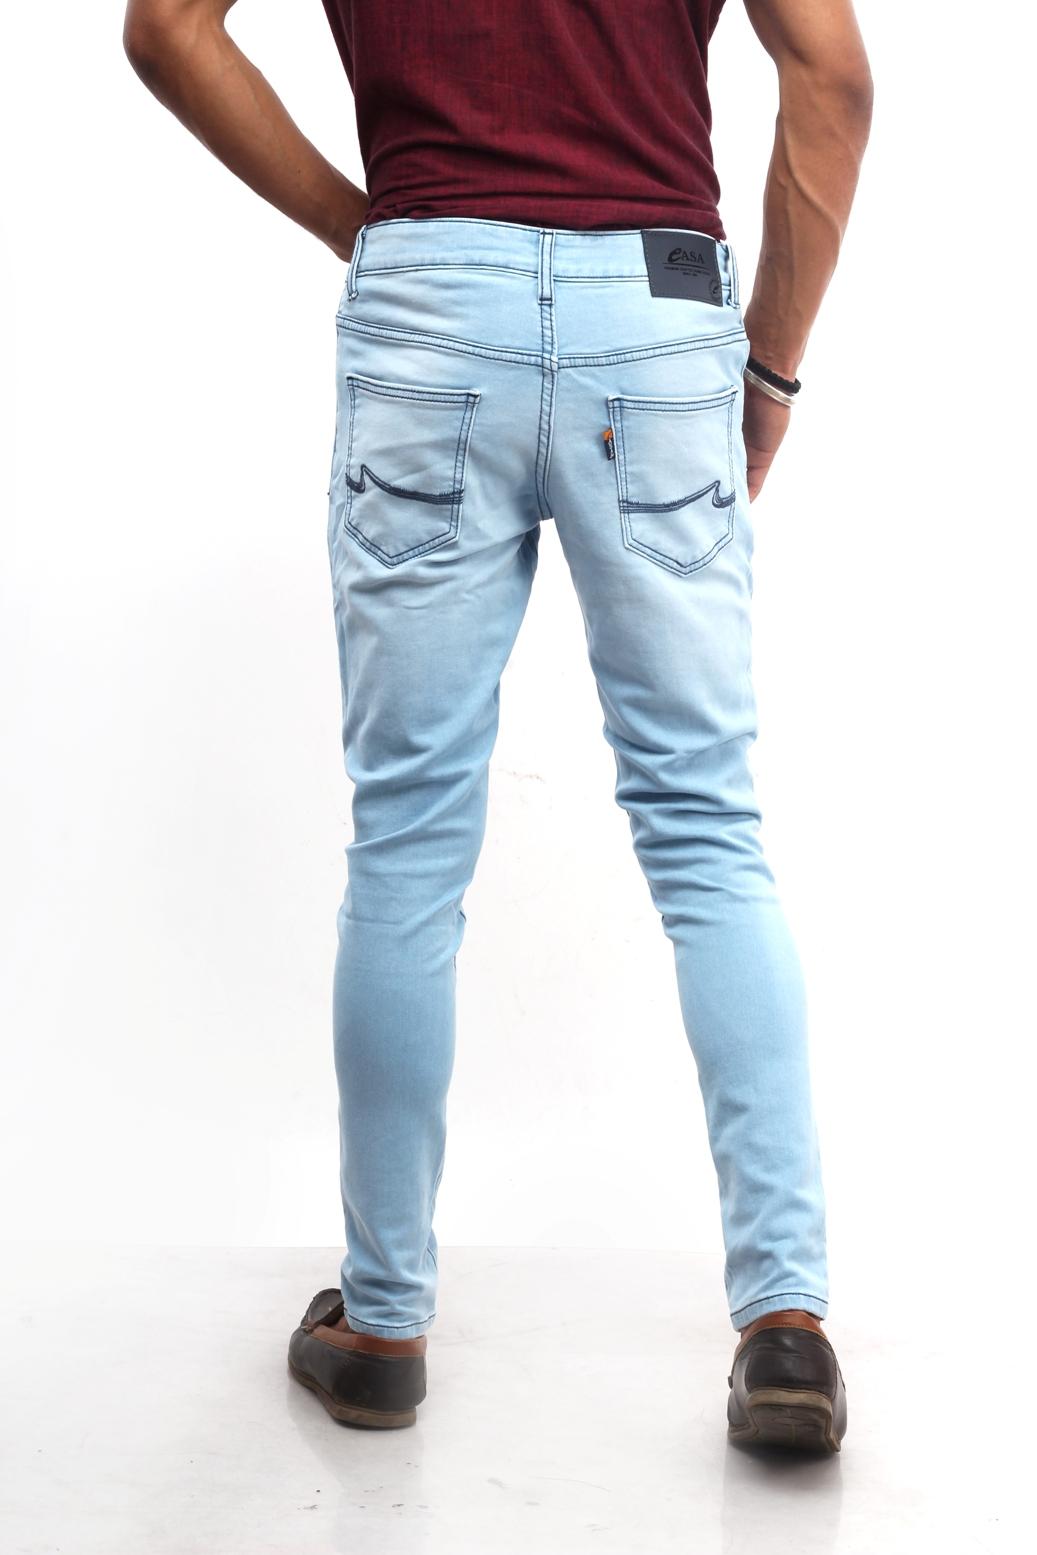 CASA Men's Cotton polo Fit Jeans